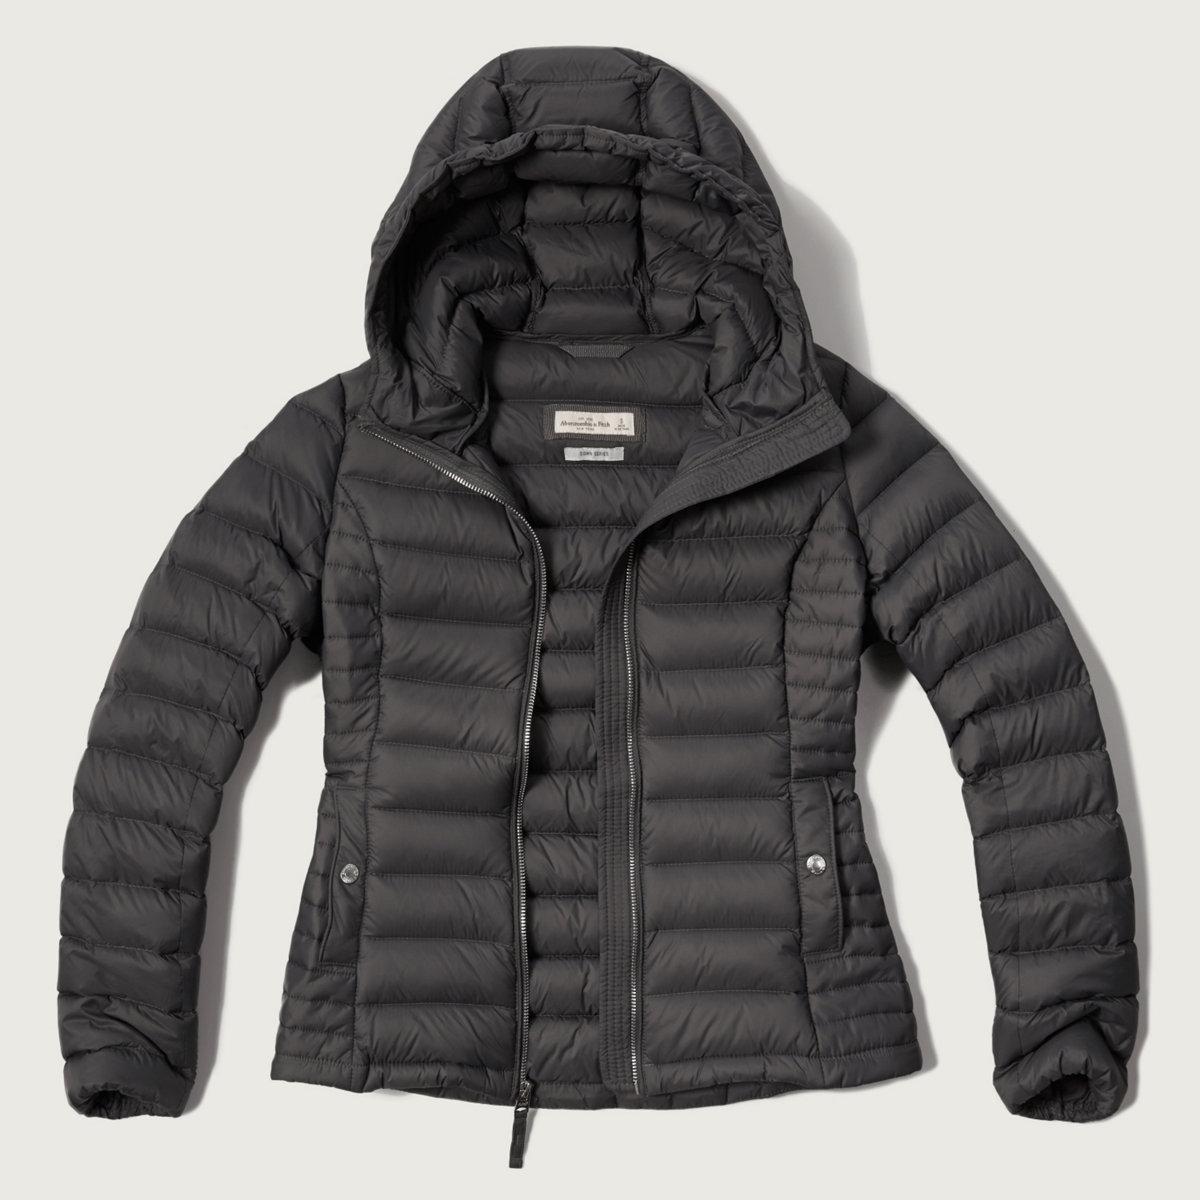 A&F Down Series Hooded Lightweight Puffer Jacket